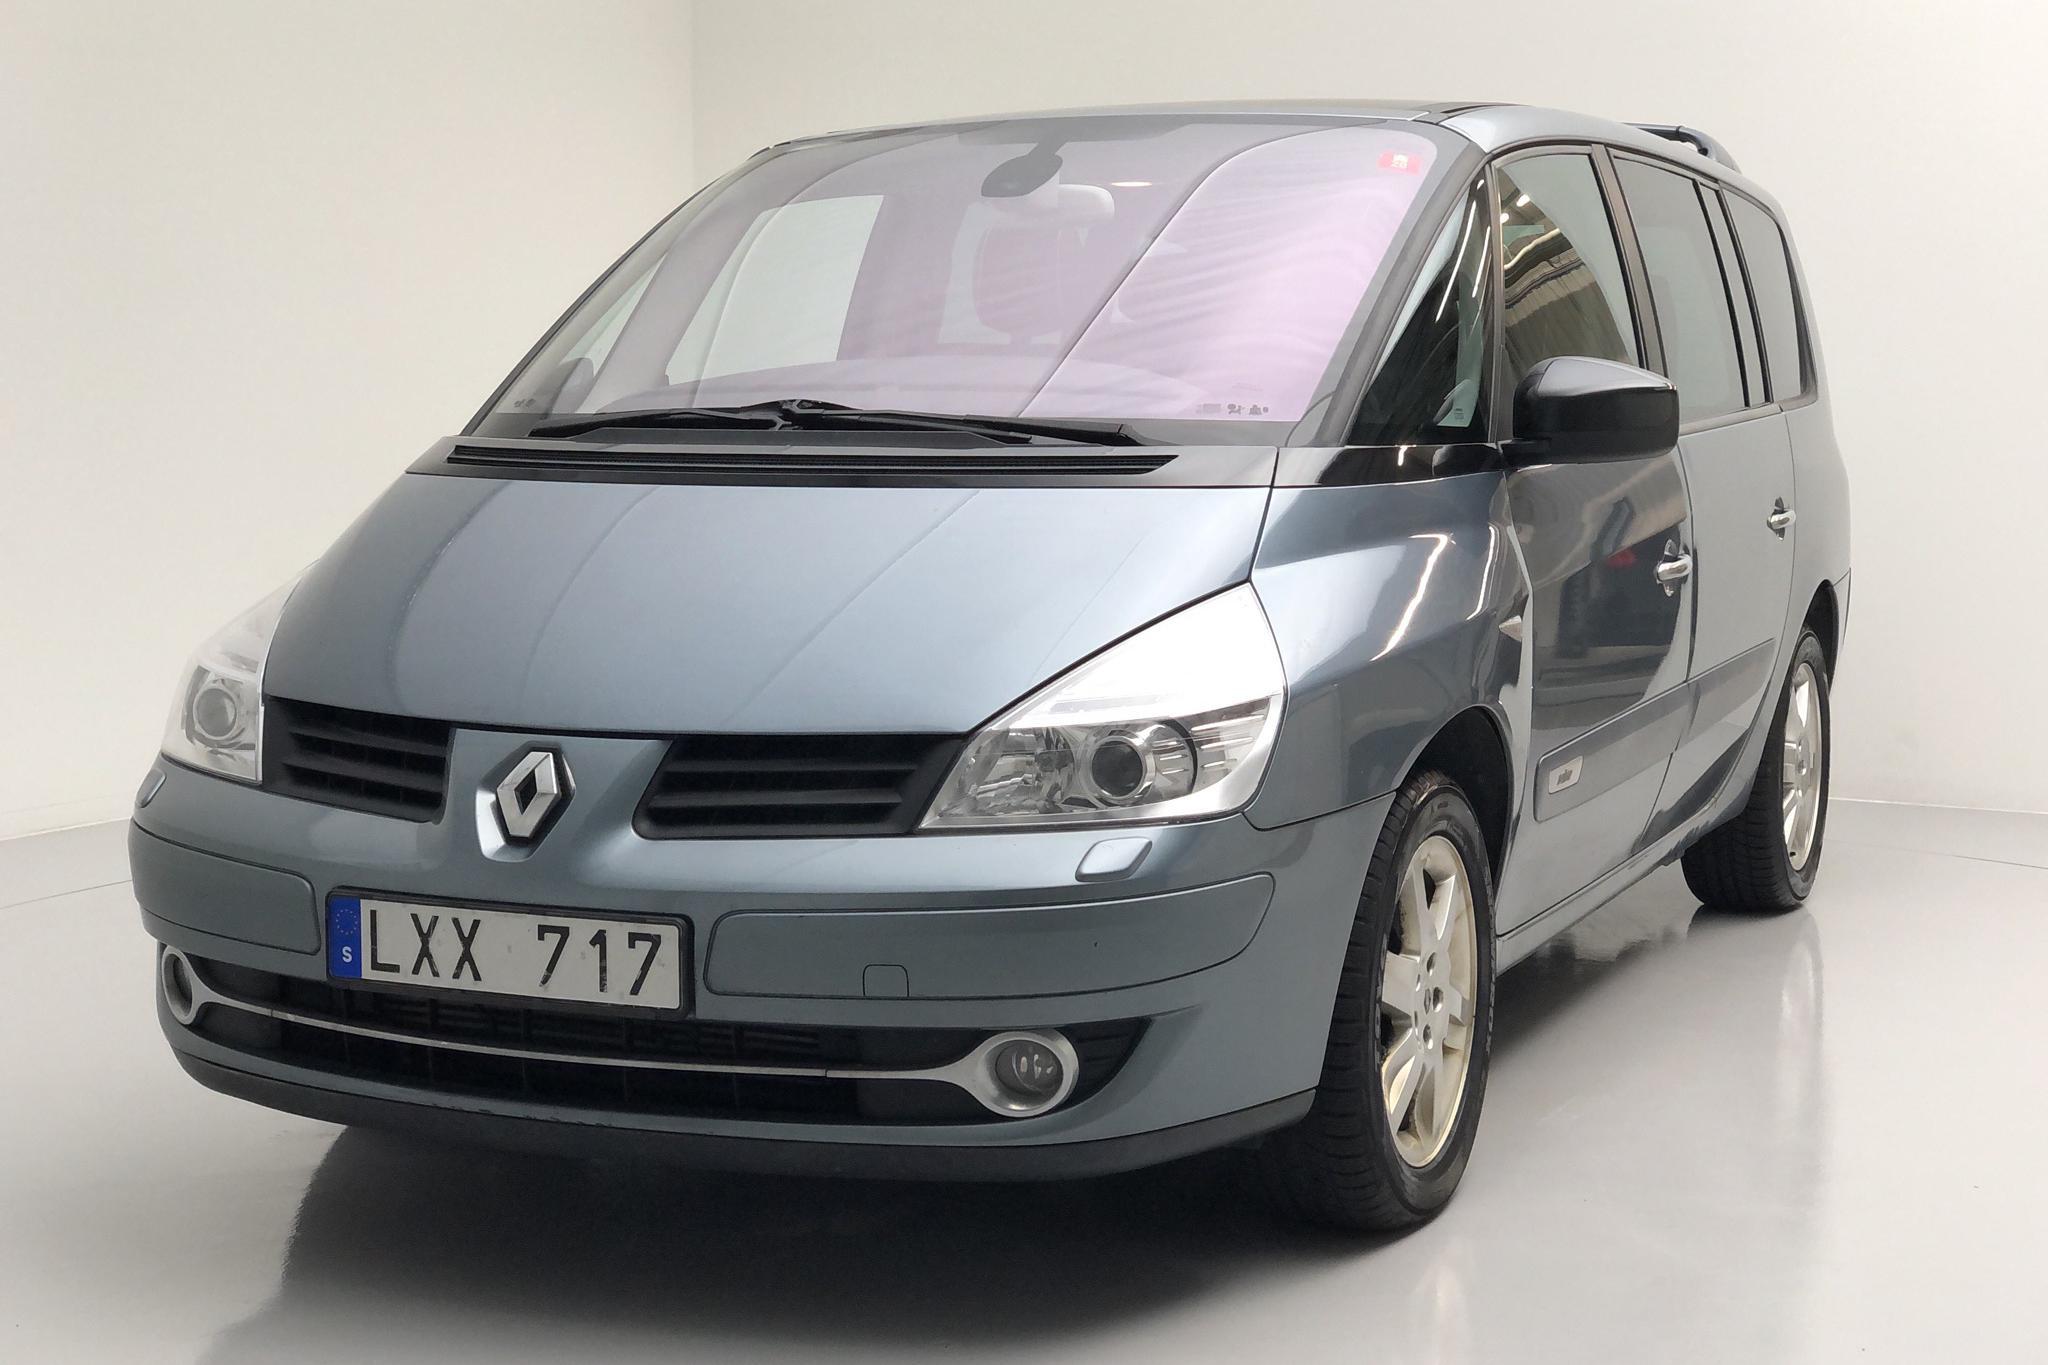 Renault Grand Espace 2.0 dCi (175hk) - 17 782 mil - Automat - blå - 2012